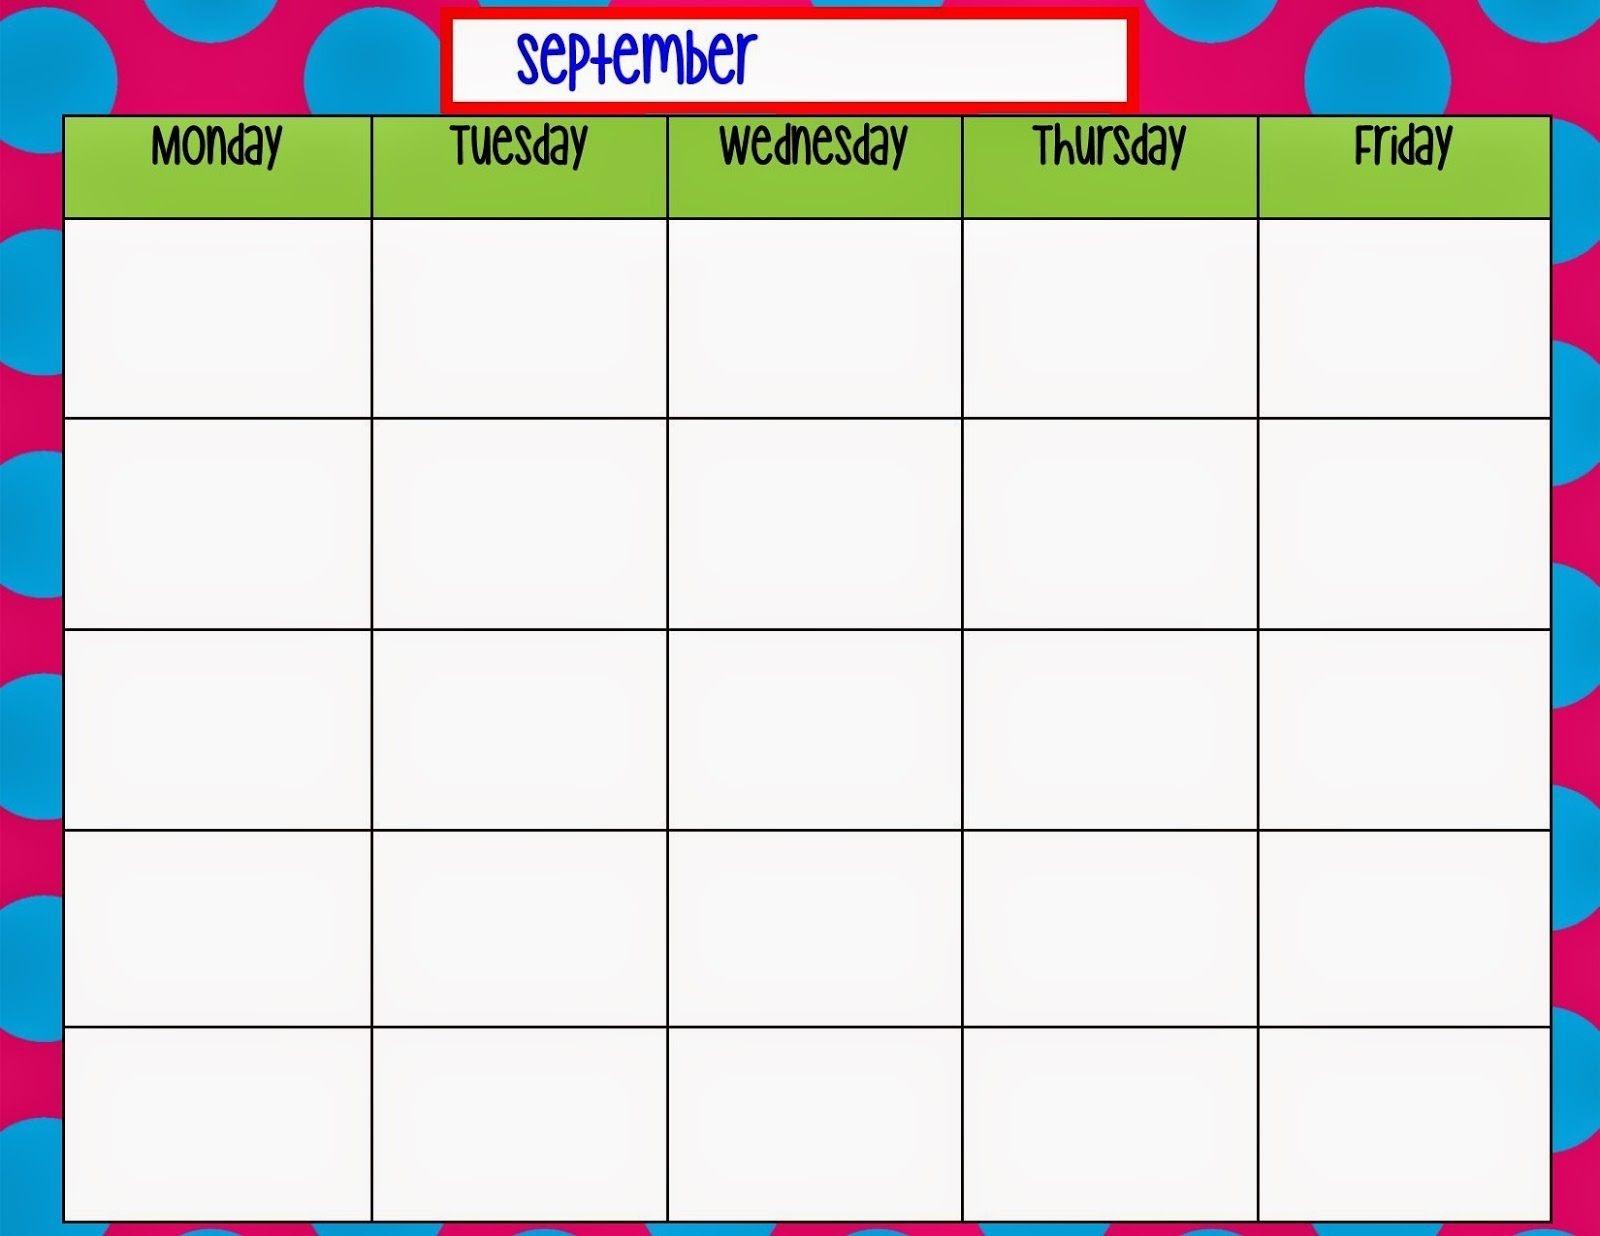 Monday Through Friday Calendar Template | Preschool | Weekly-Blank Monday Through Friday Calendars